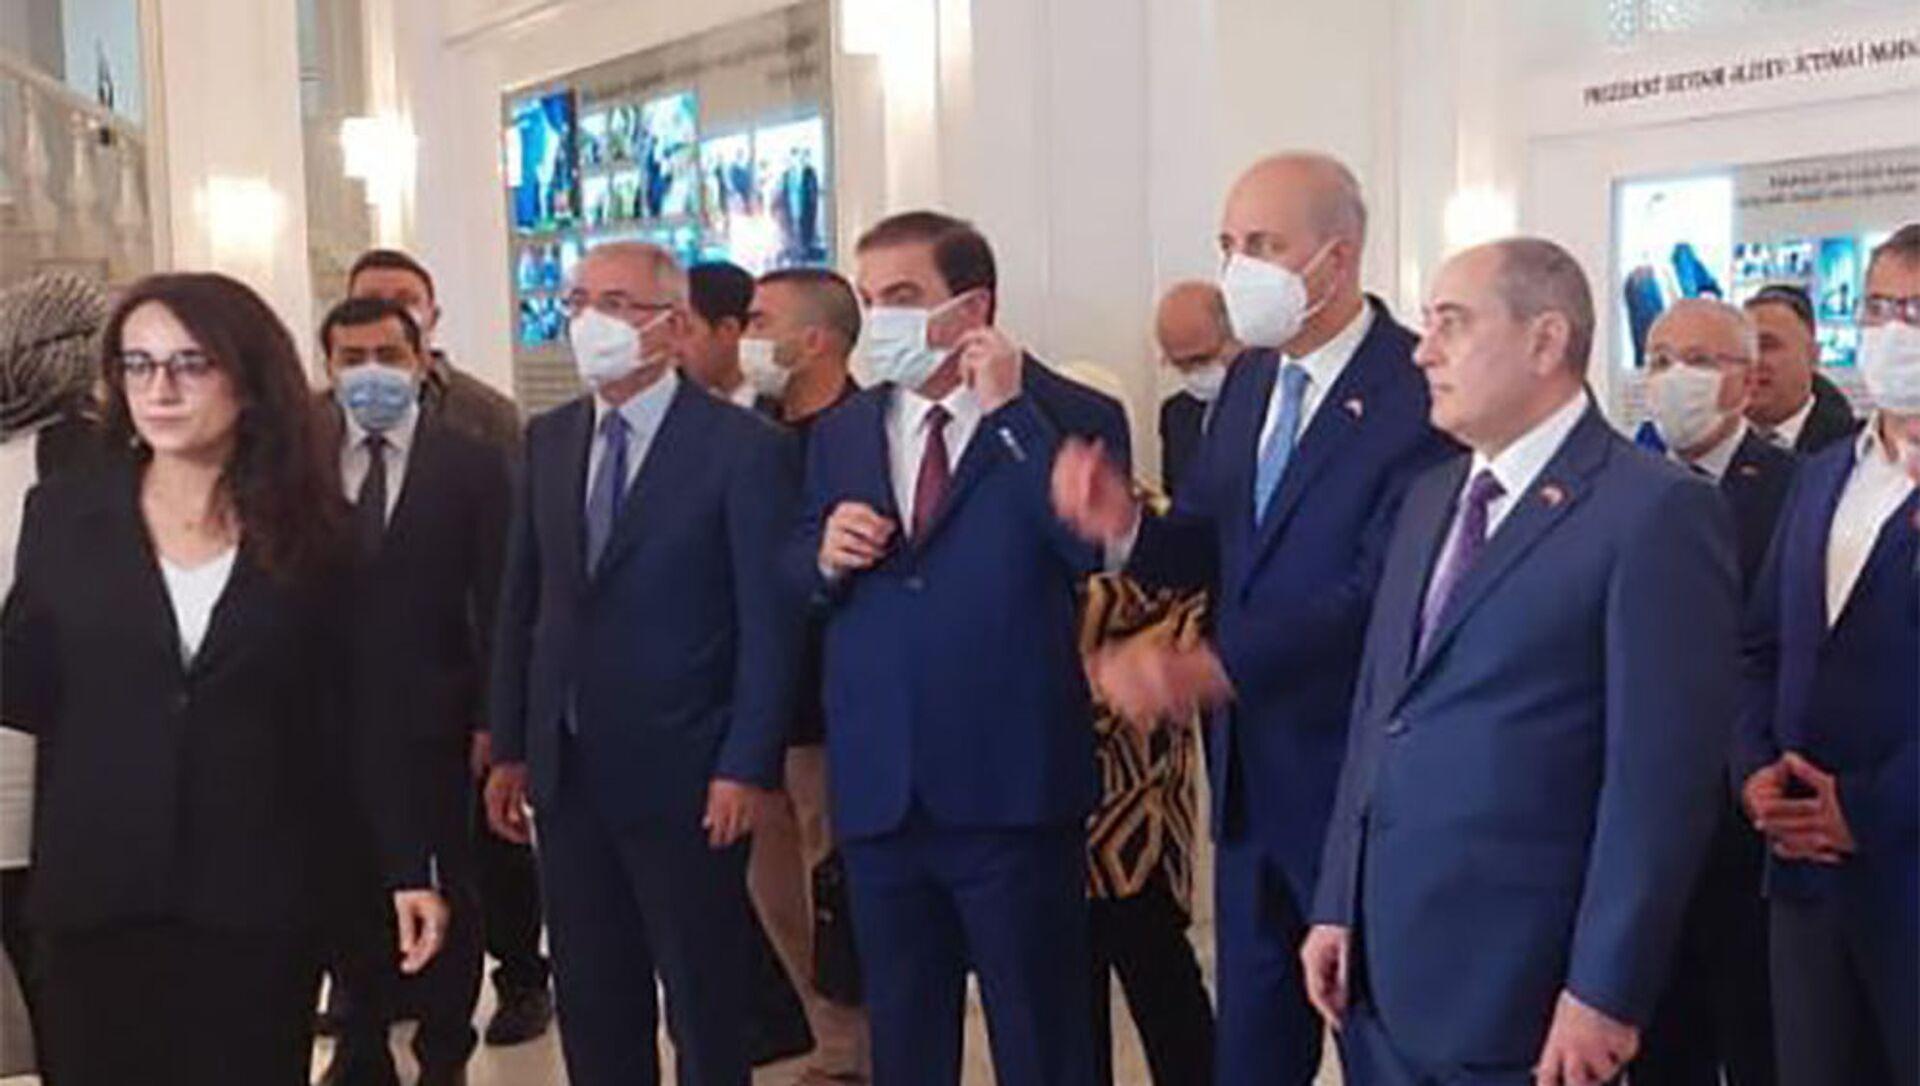 Правящие партии Азербайджана и Турции проводят конференцию в Гяндже. - Sputnik Азербайджан, 1920, 28.07.2021